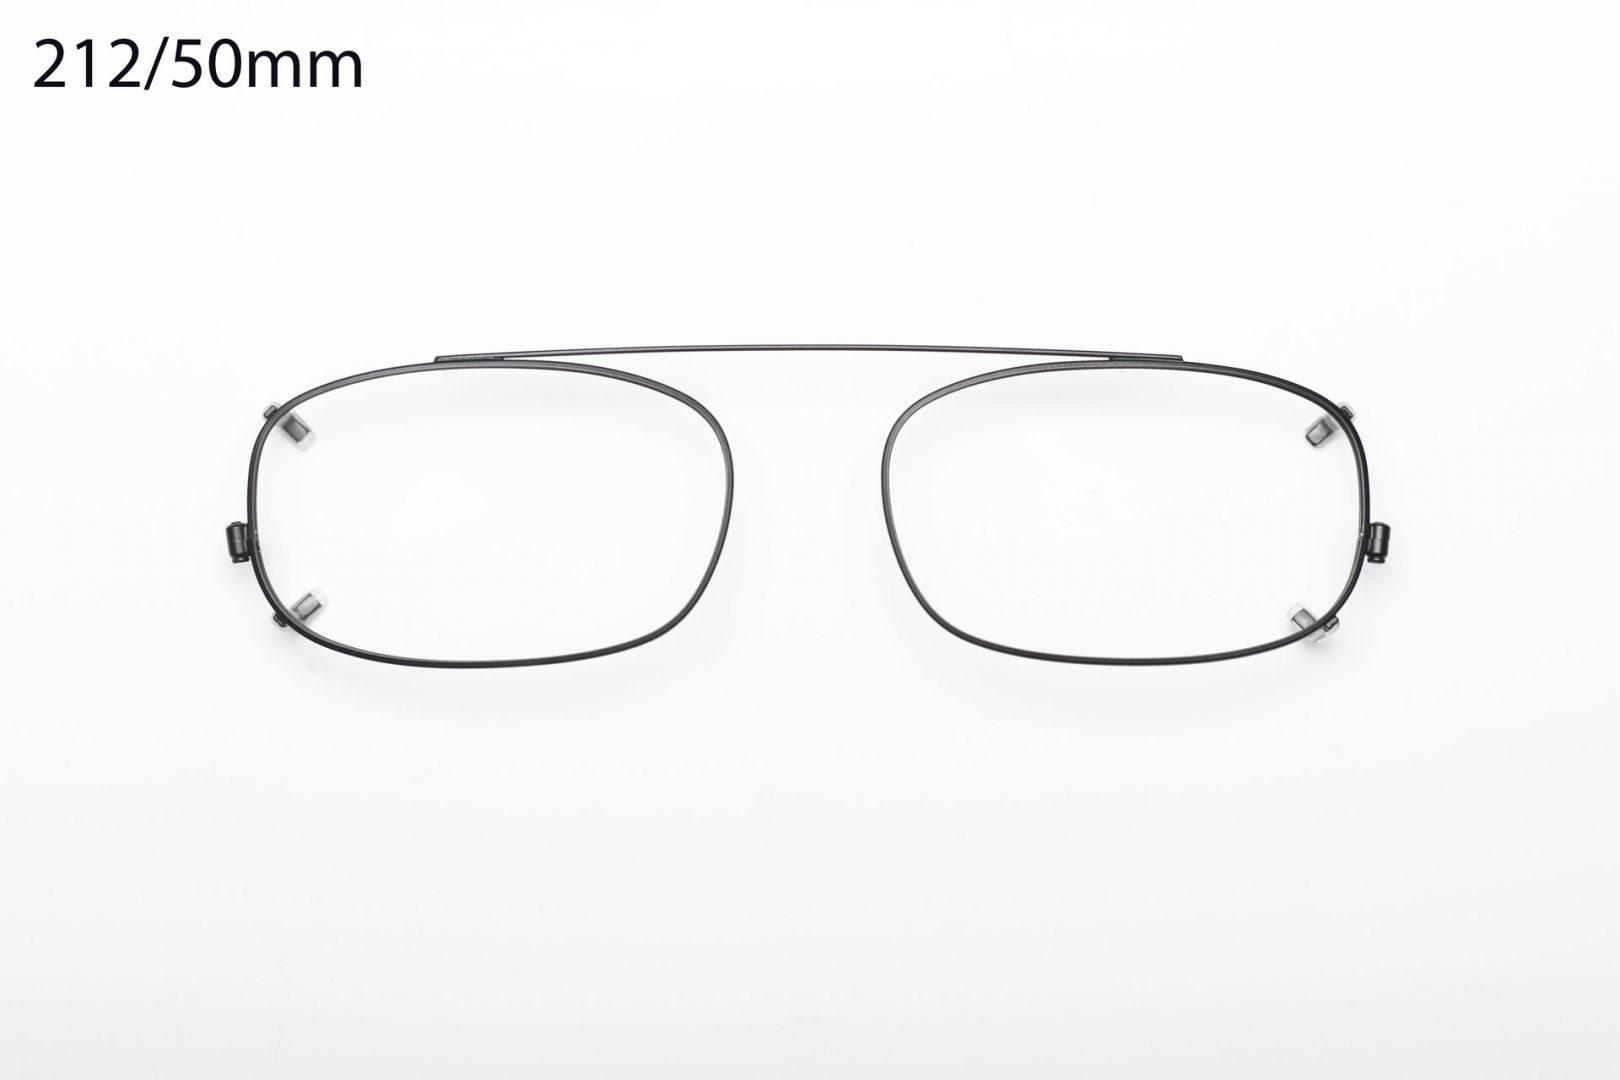 Modèle A10-21250mm